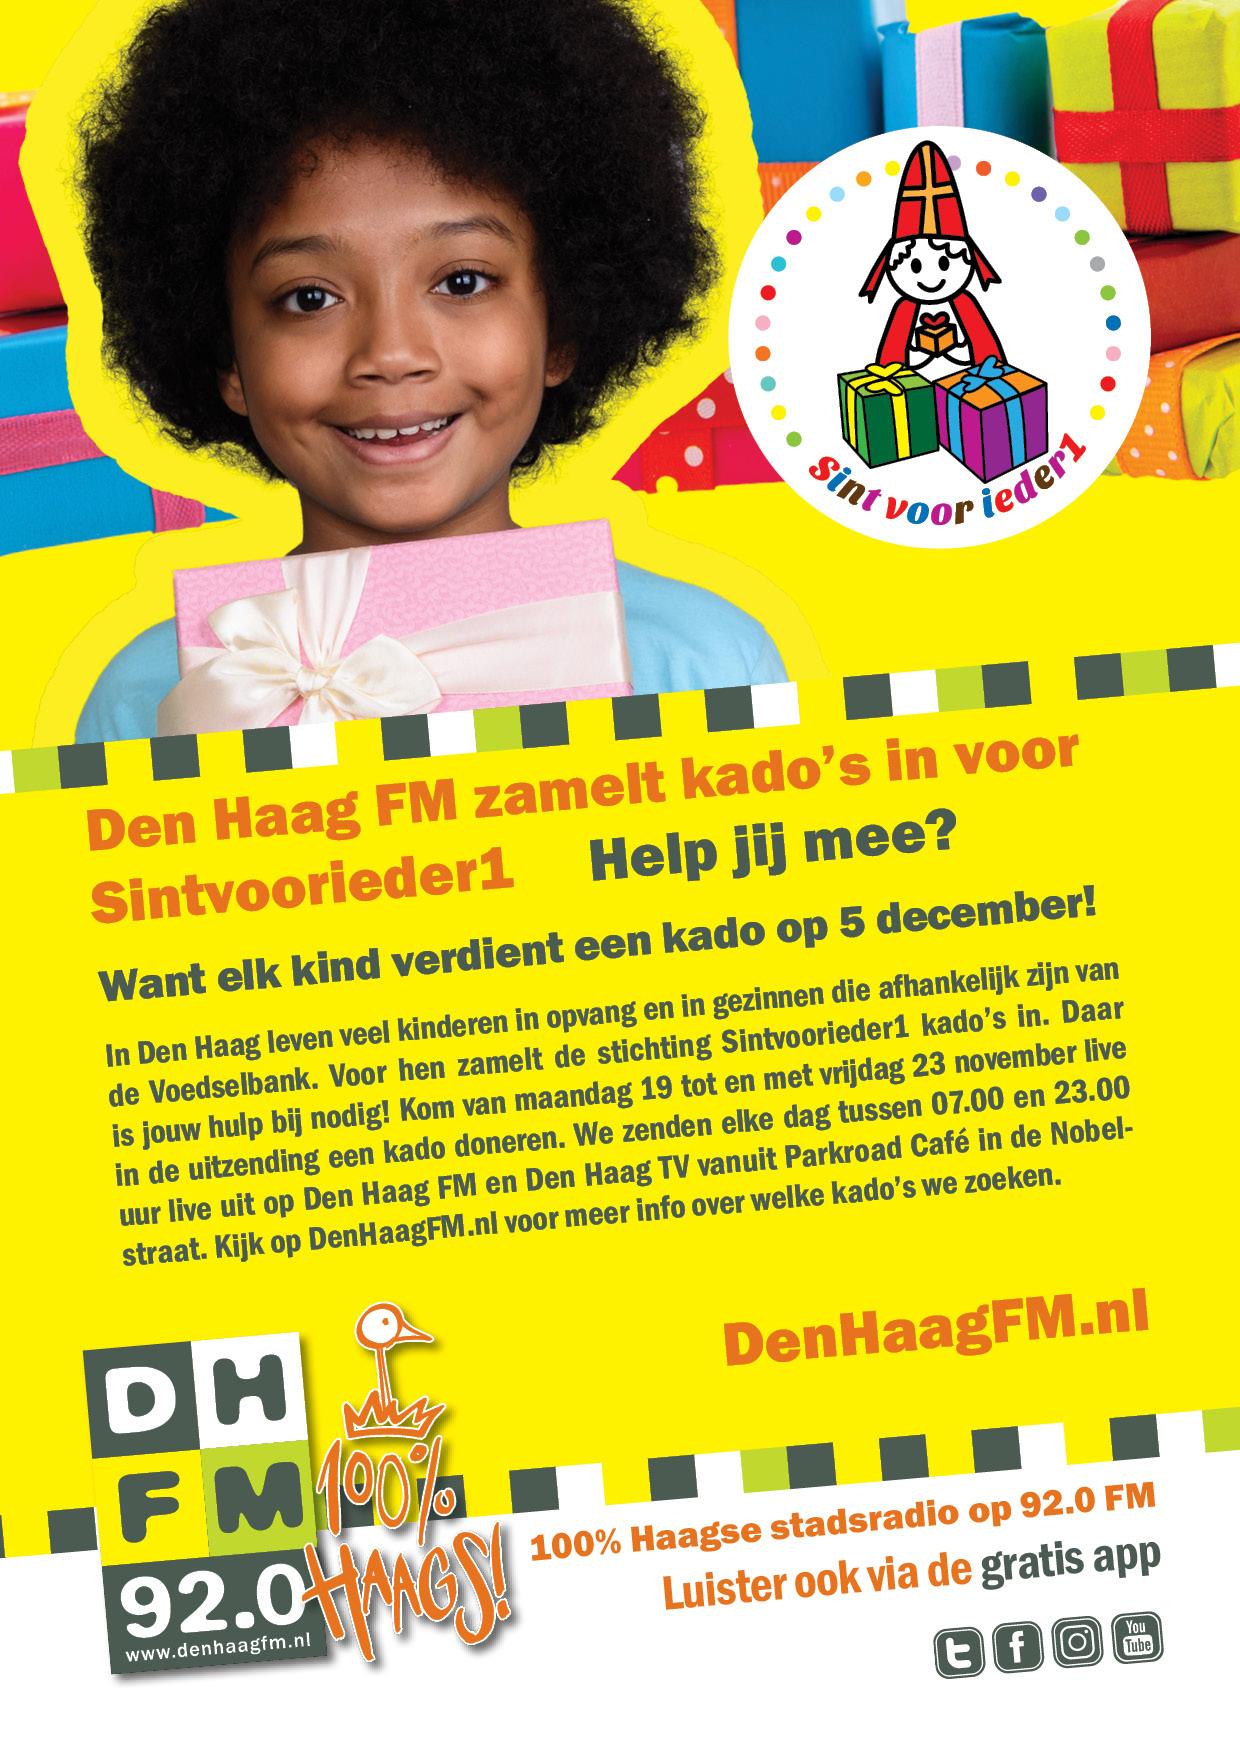 Sintvoorieder1 Den Haag FM